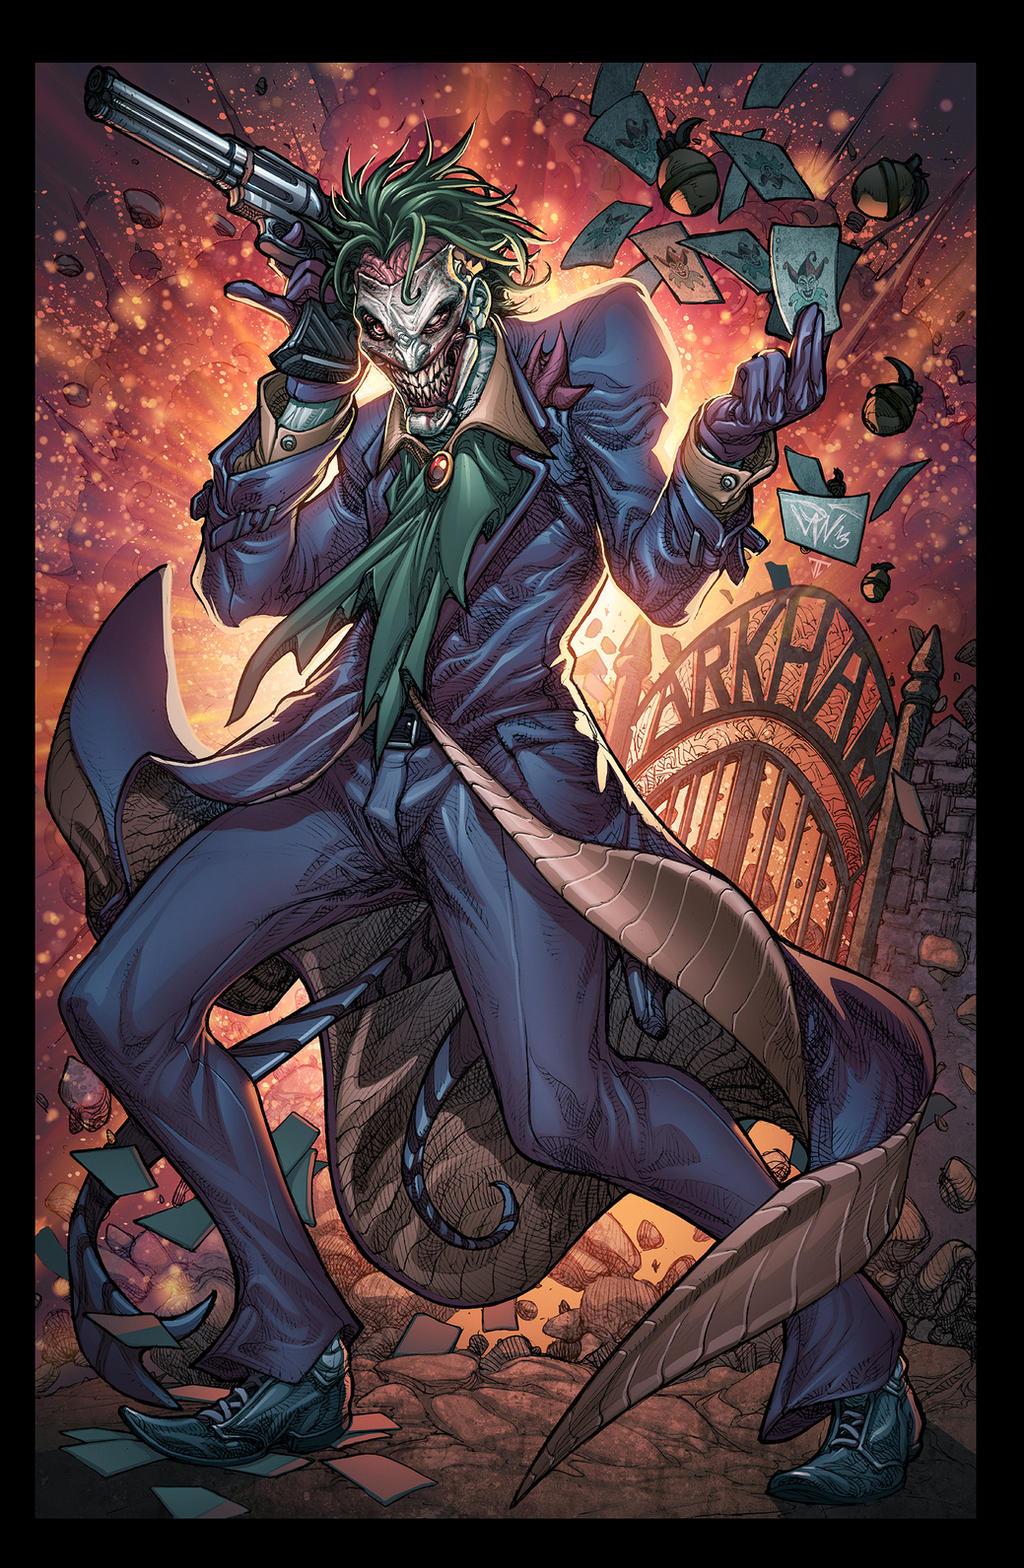 http://fc06.deviantart.net/fs70/i/2014/338/d/b/the_joker_by_juan7fernandez-d88oprv.jpg Comic Joker Painting